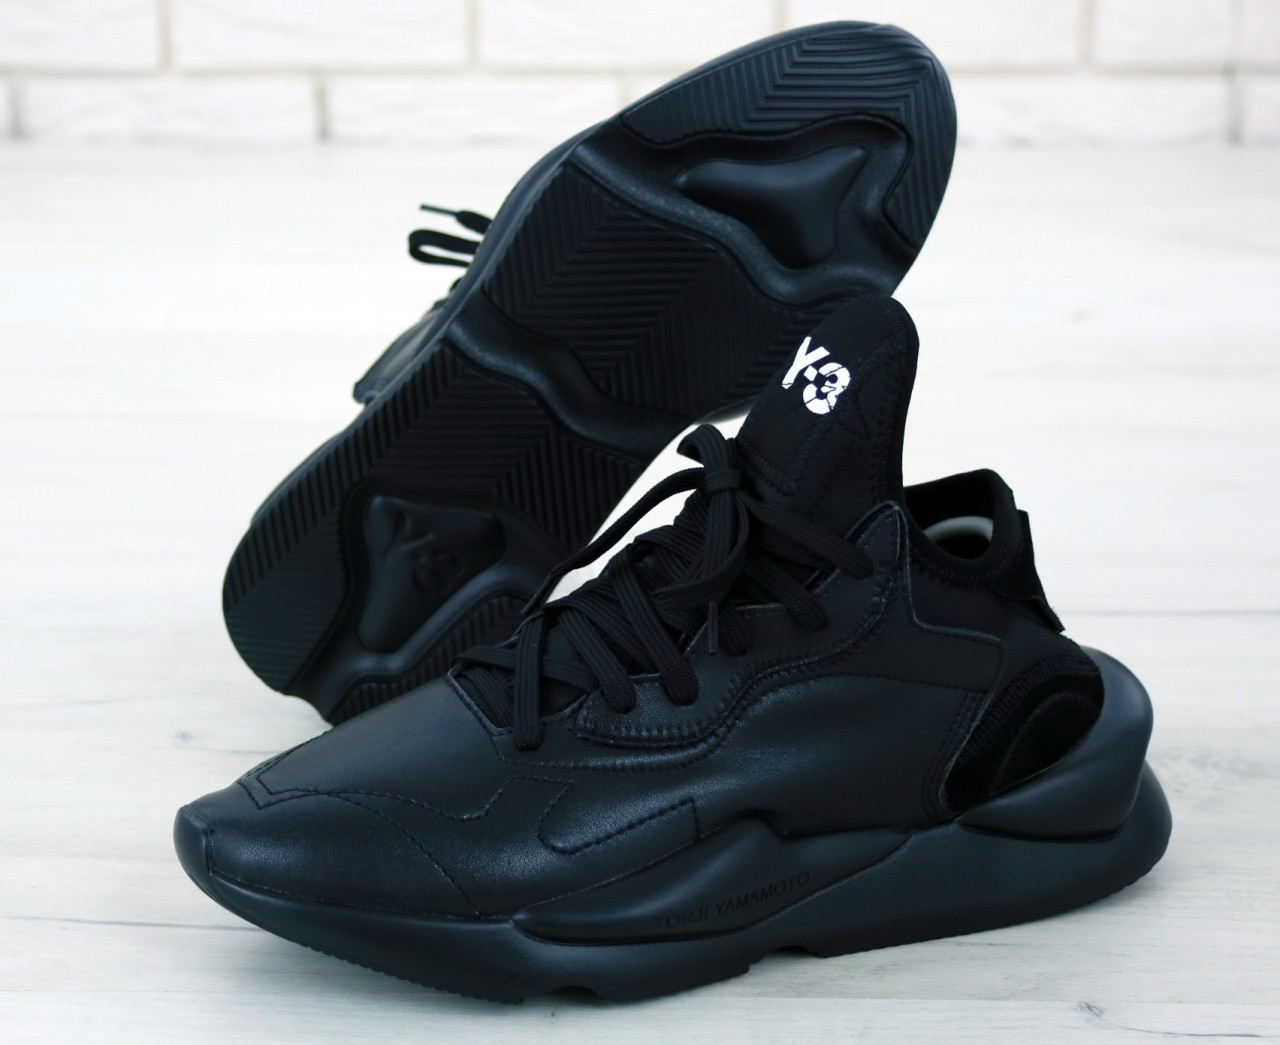 Мужские кроссовки Adidas Y-3 Kaiwa Yohji Yamamoto, чоловічі кросівки Adidas Y-3 Kaiwa Yohji Yamamoto